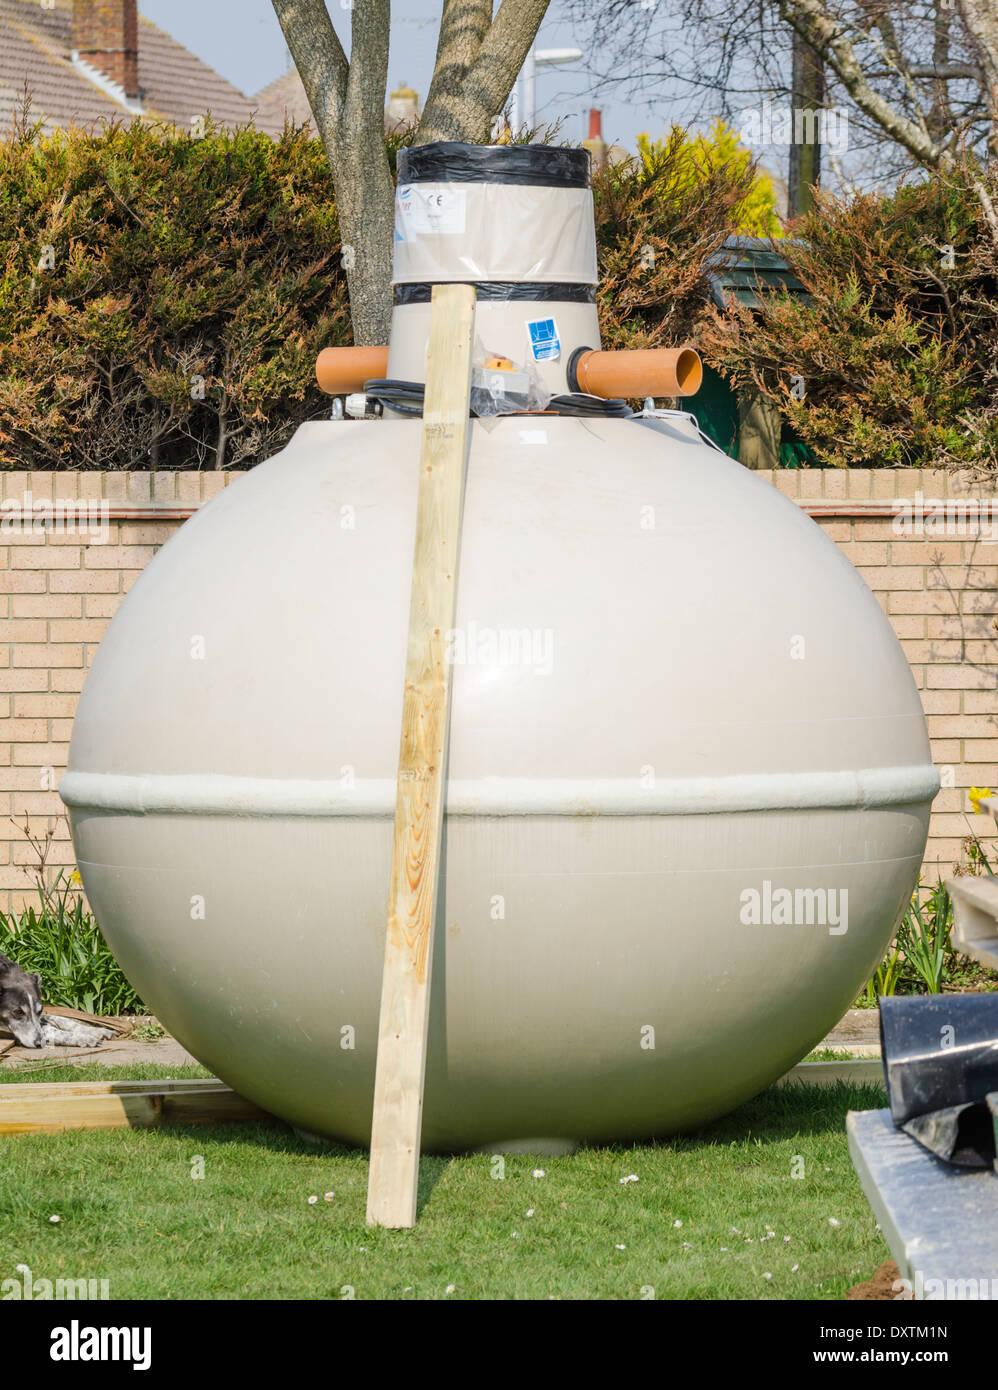 L'eau de pluie Kingspan Aquabank harvester, pour recueillir l'eau de pluie sous terre. Photo Stock